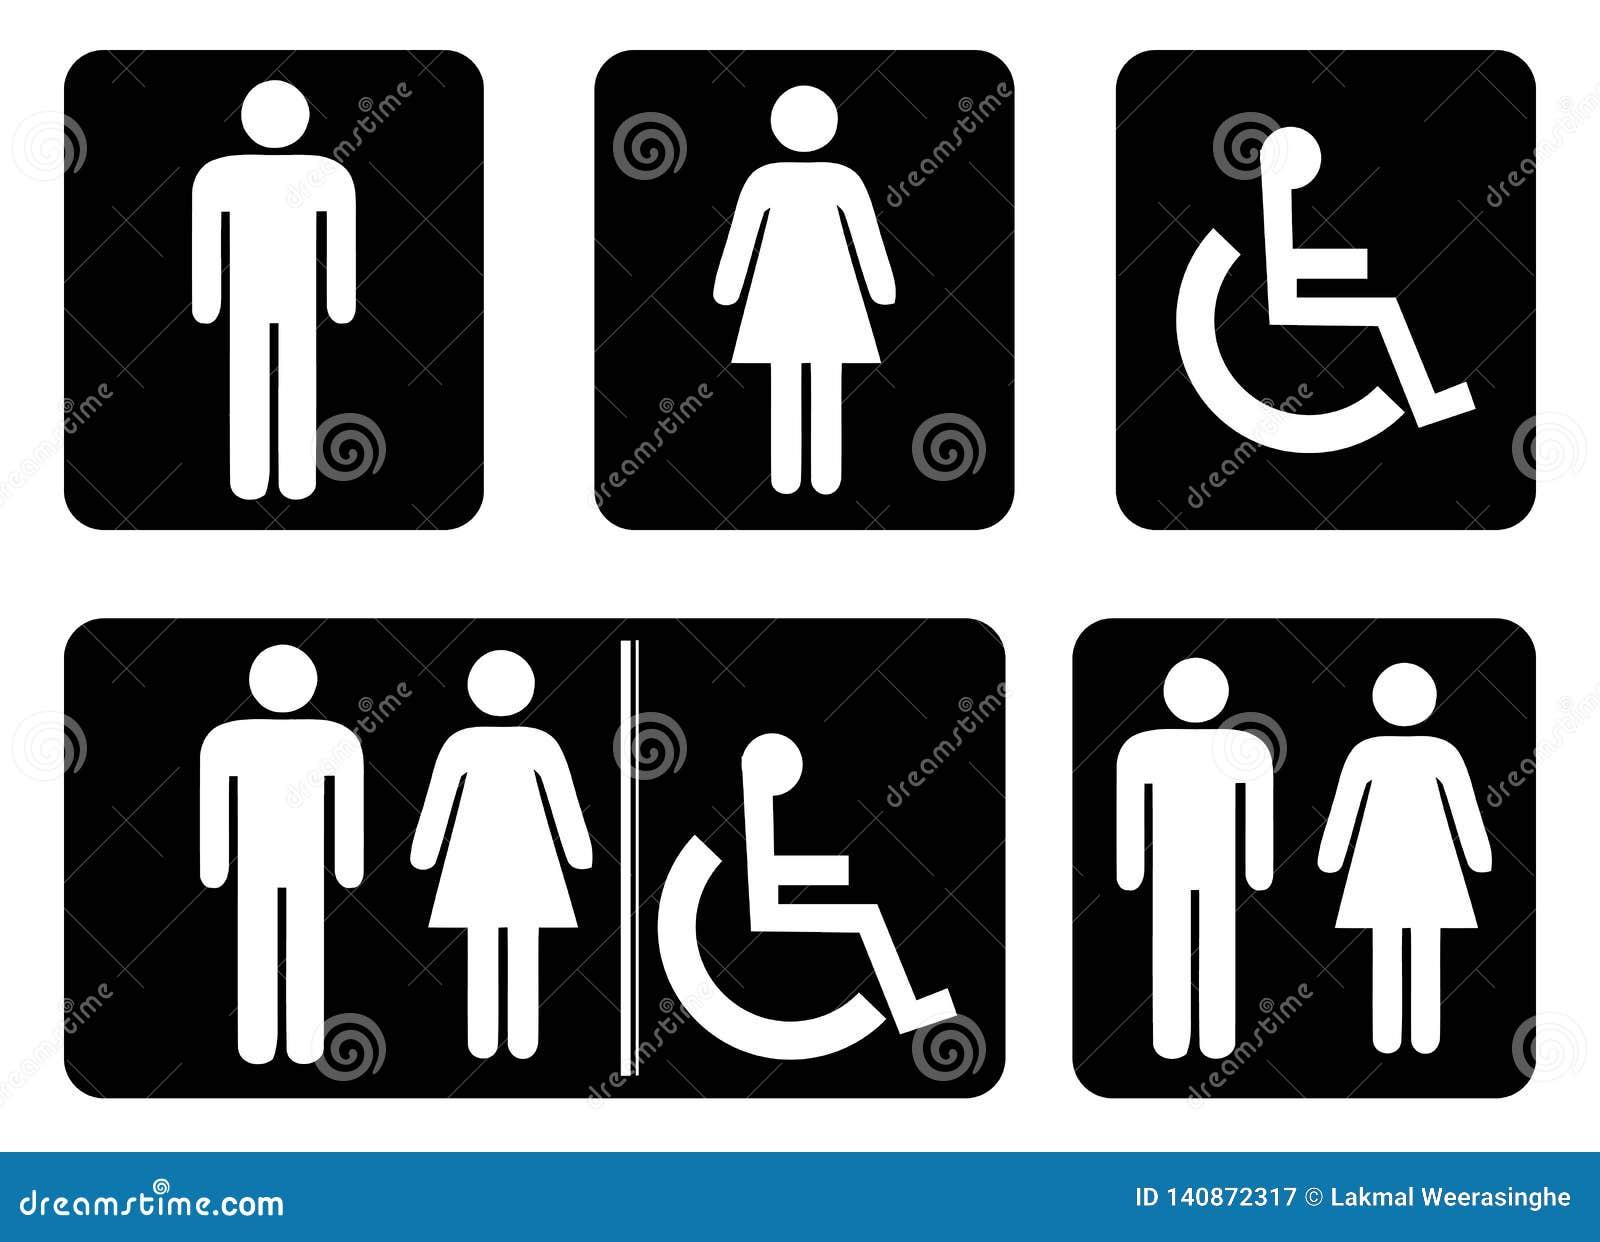 Sinal do banheiro - desenho do símbolo do toalete pela ilustração